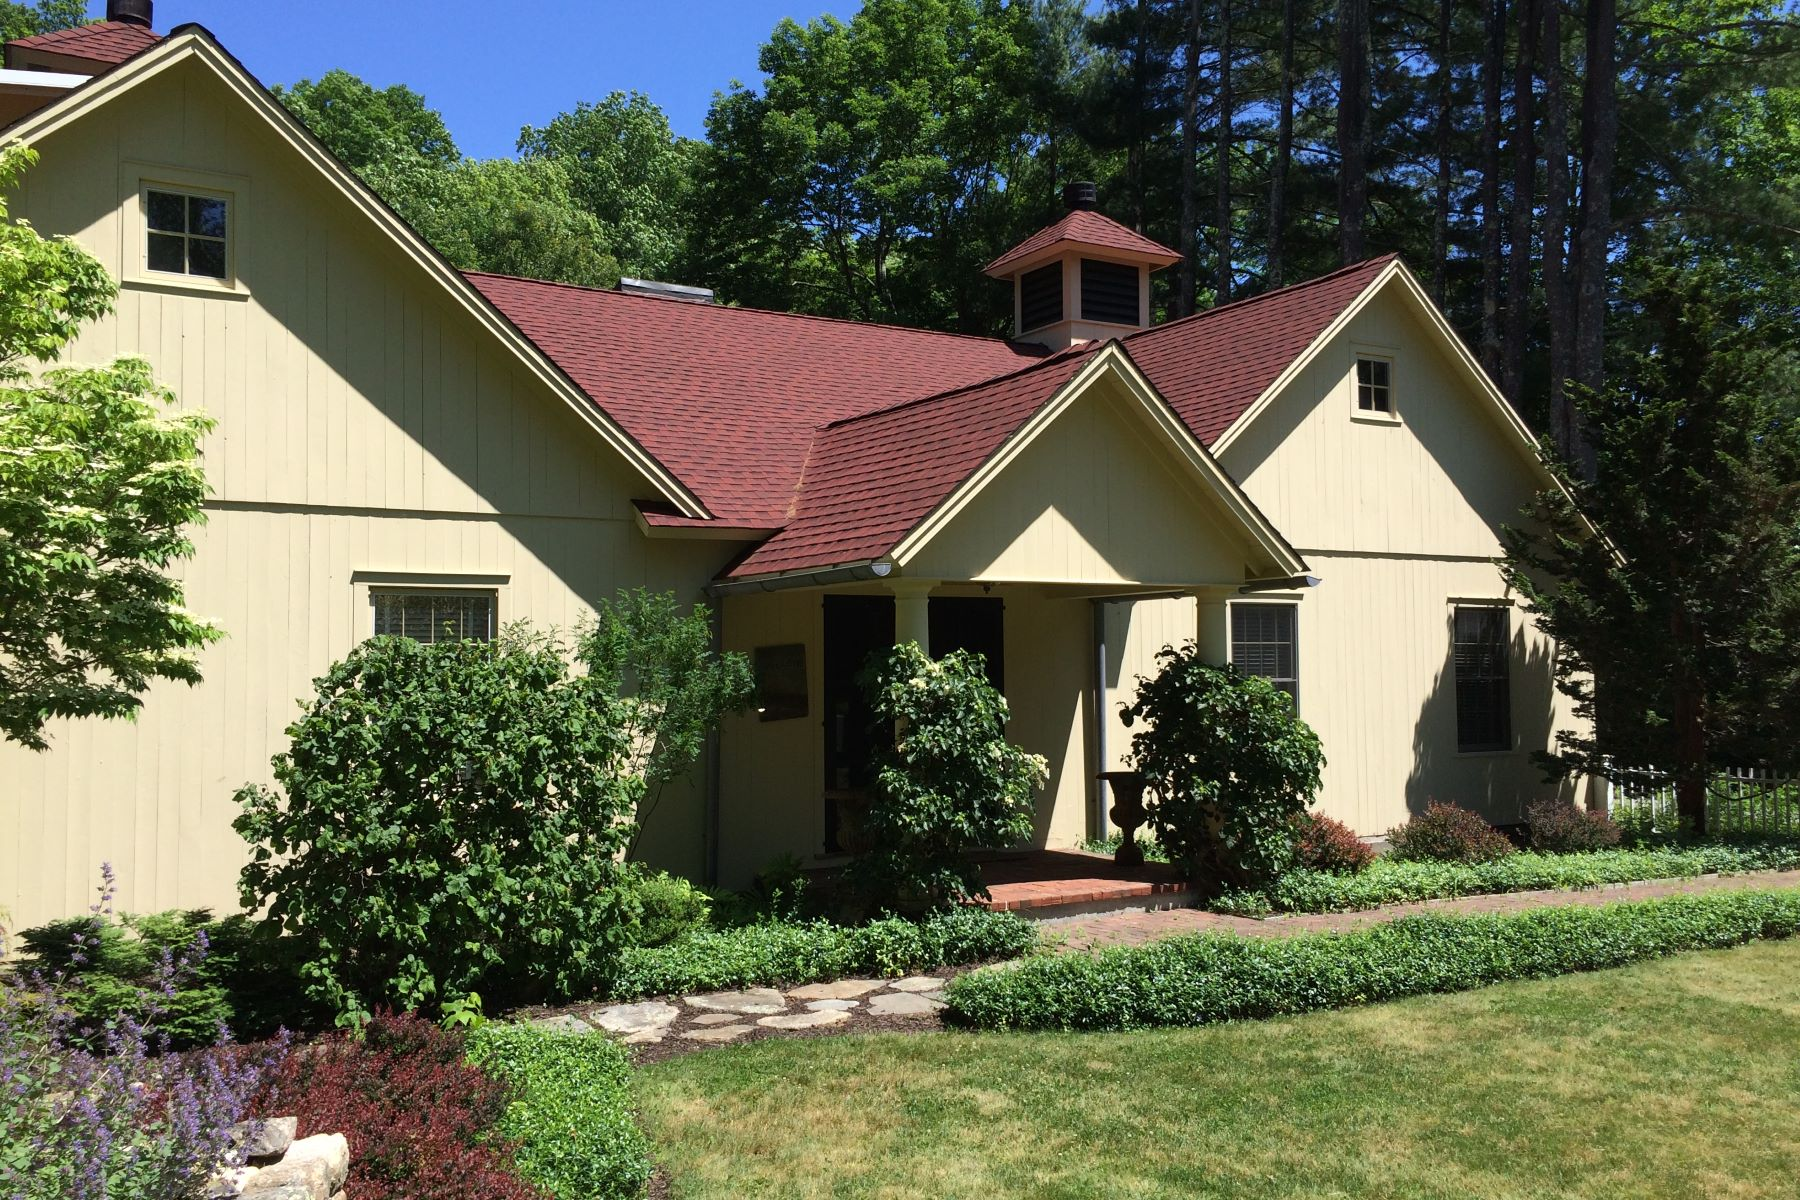 Maison unifamiliale pour l Vente à Exquisite country home 156 Weekeepeemee Rd Woodbury, Connecticut, 06798 États-Unis